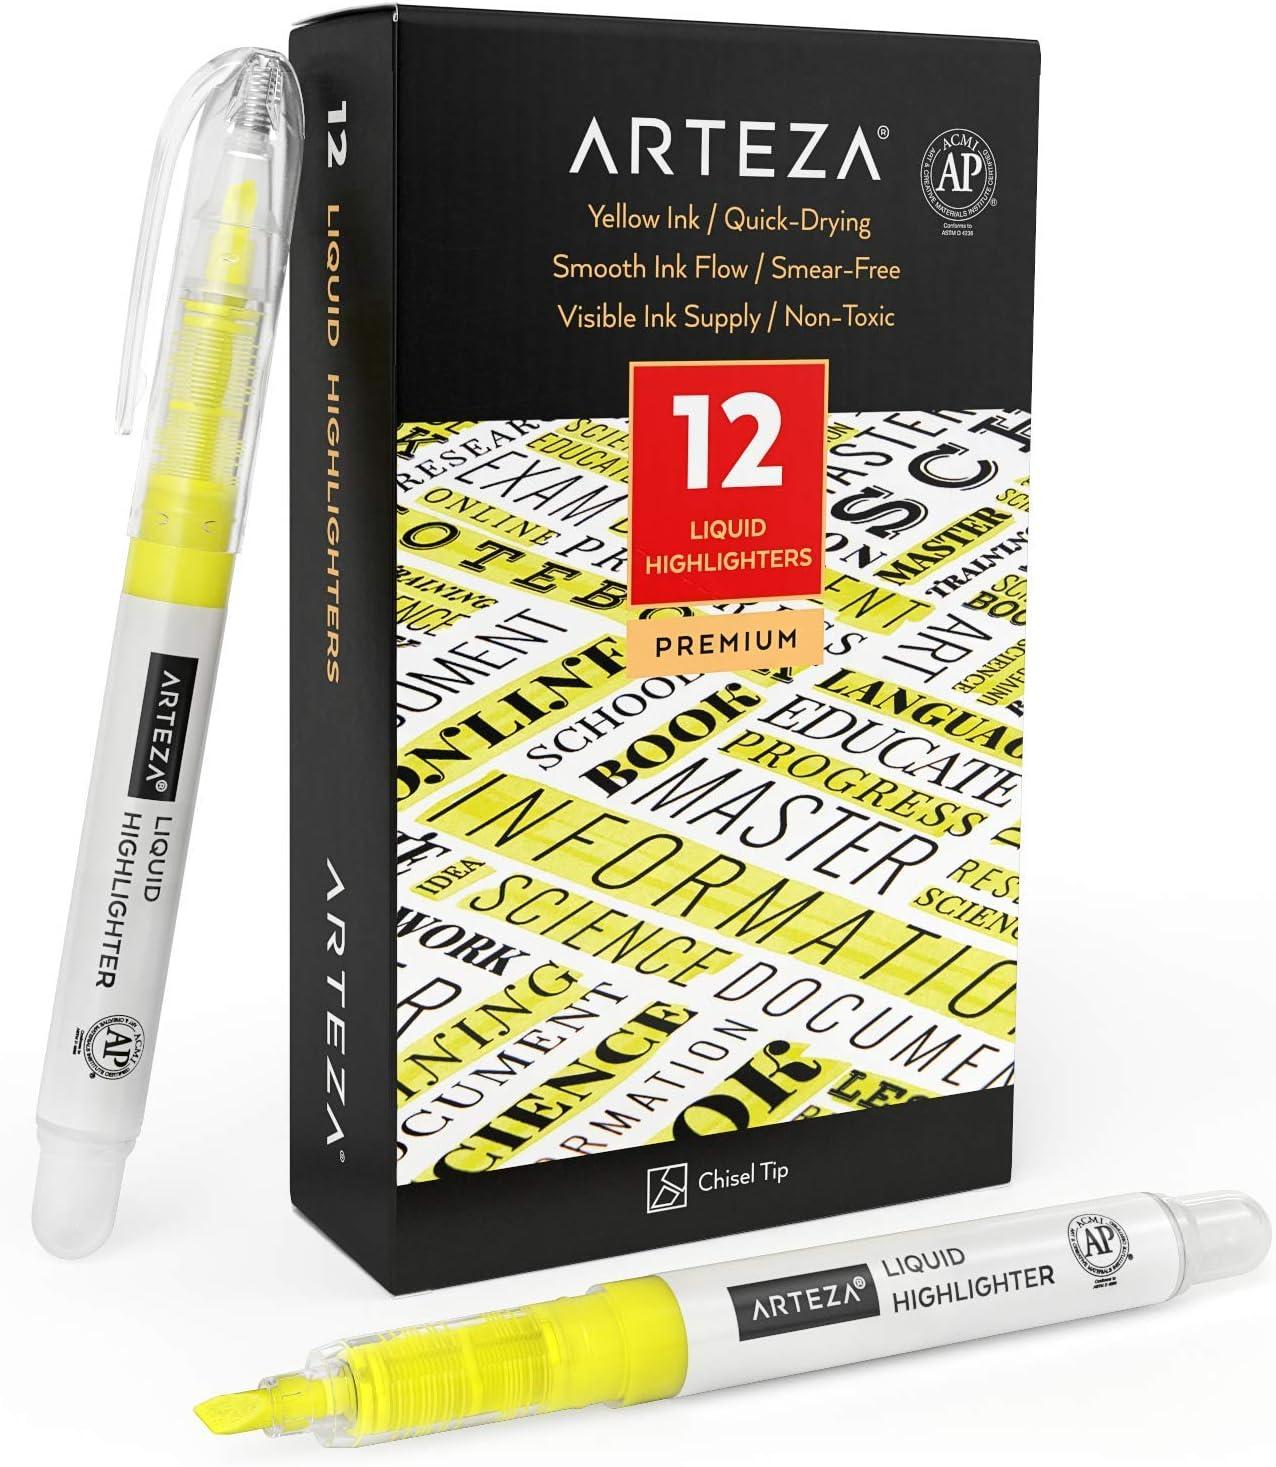 Arteza Liquid Highlighter Pens Set of Tip Popular brand in the world Bu 12 Tulsa Mall Chisel Narrow